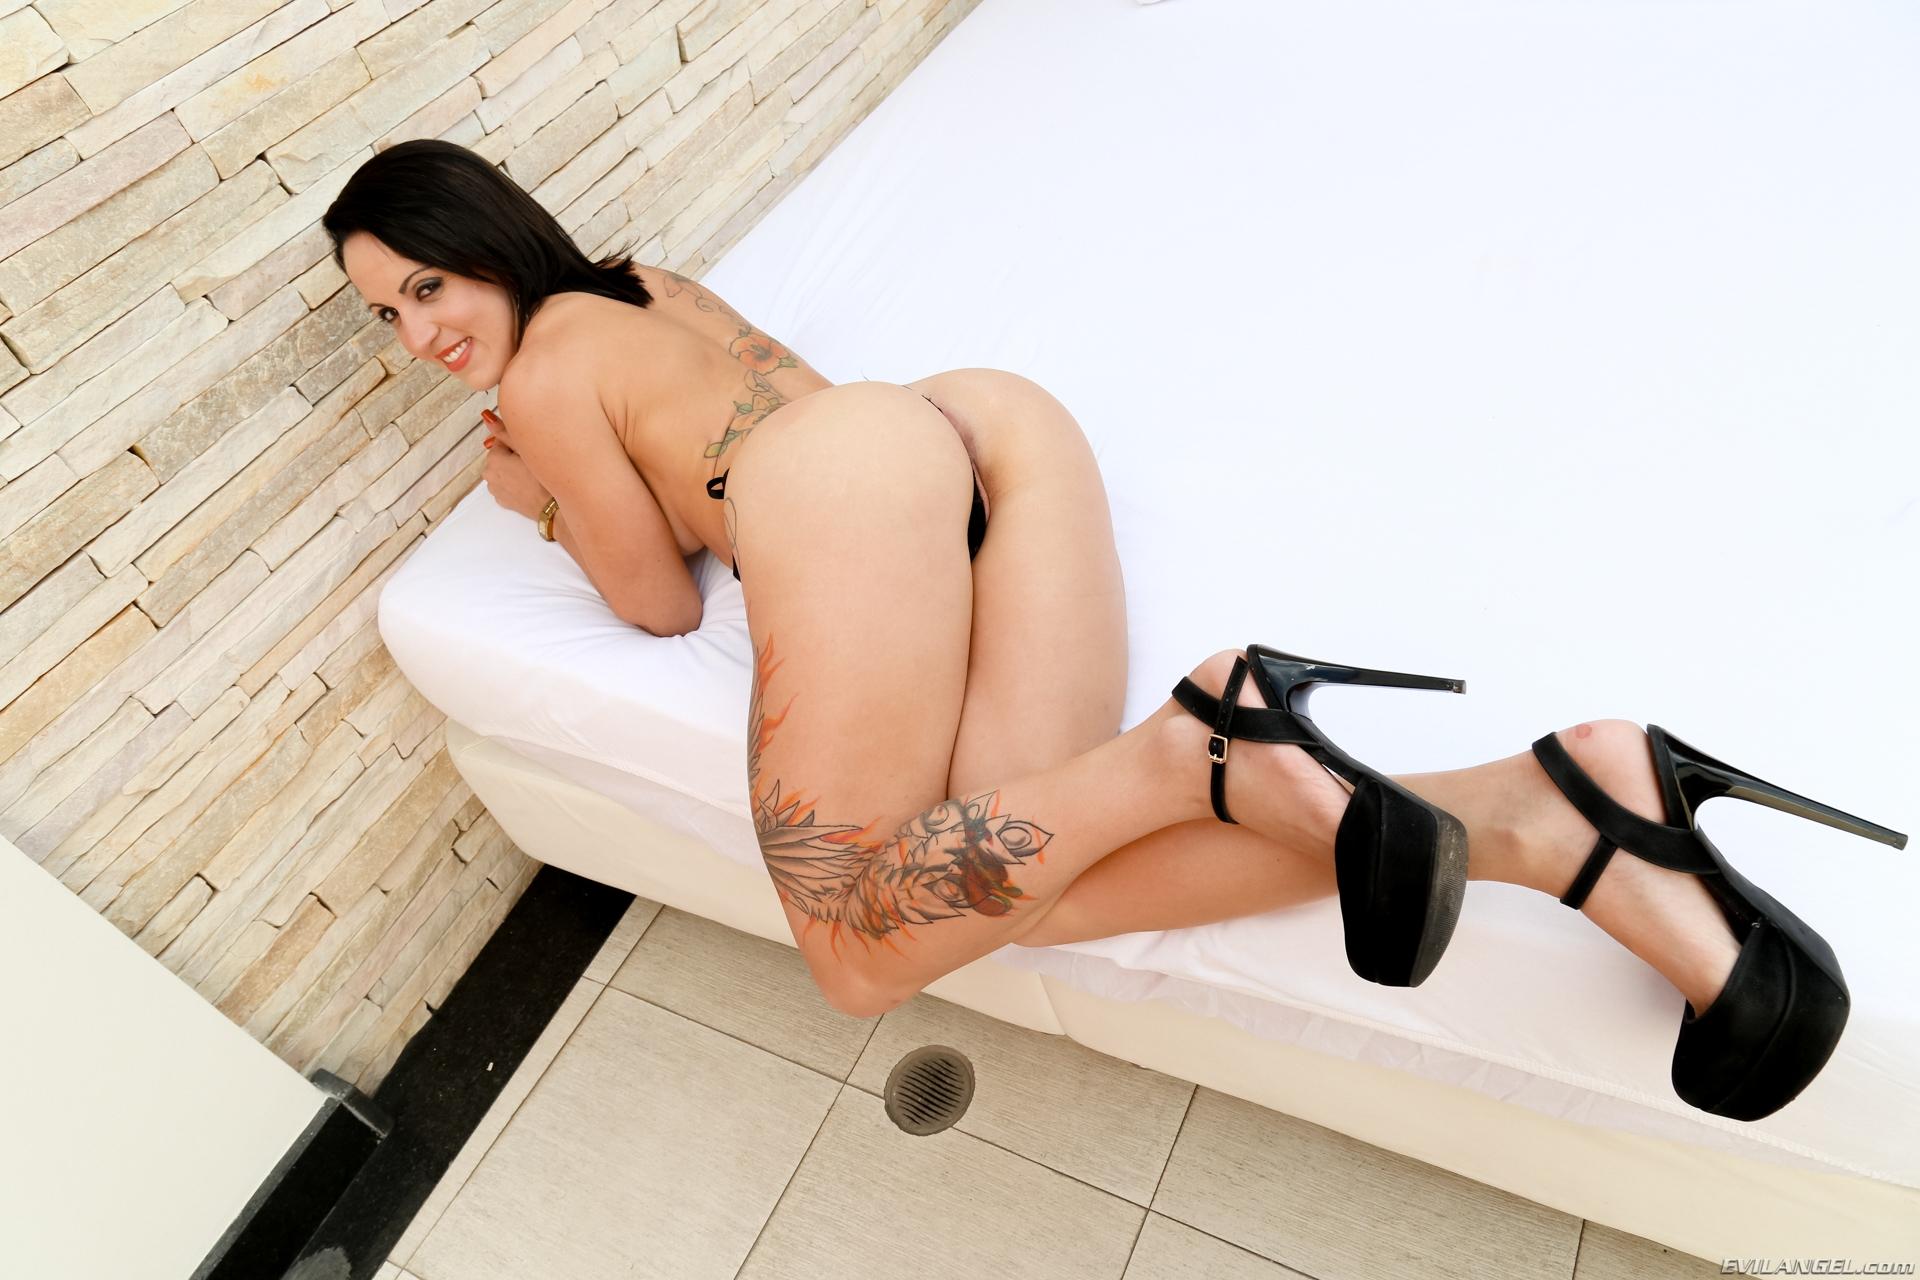 Nude con clase sngels fotos